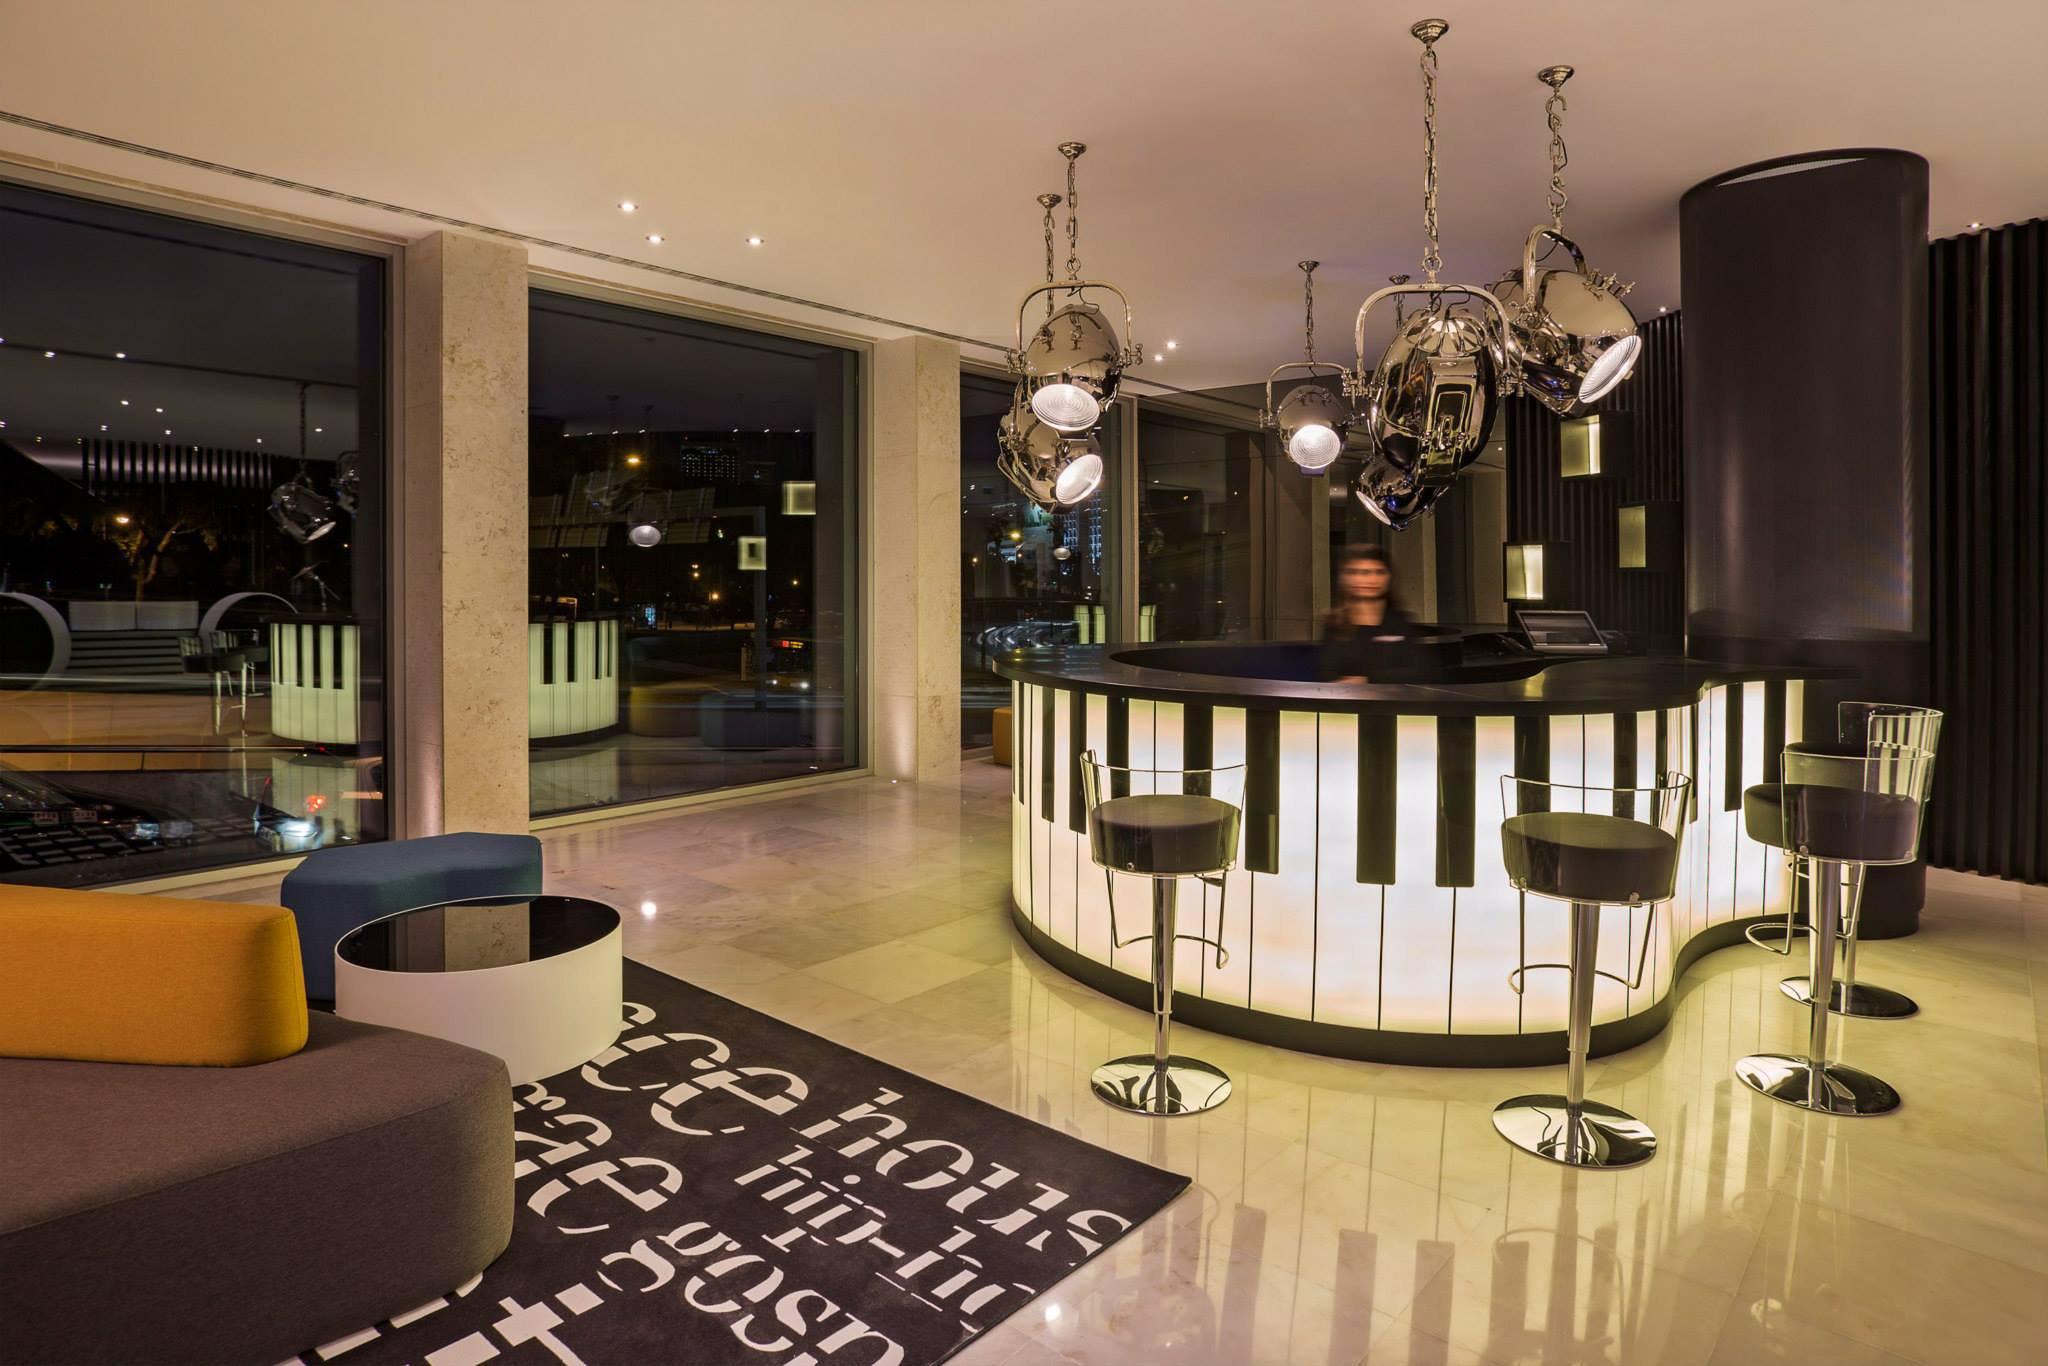 Fénix Music Hotel, Lisboa – Atelier Oscar Santos